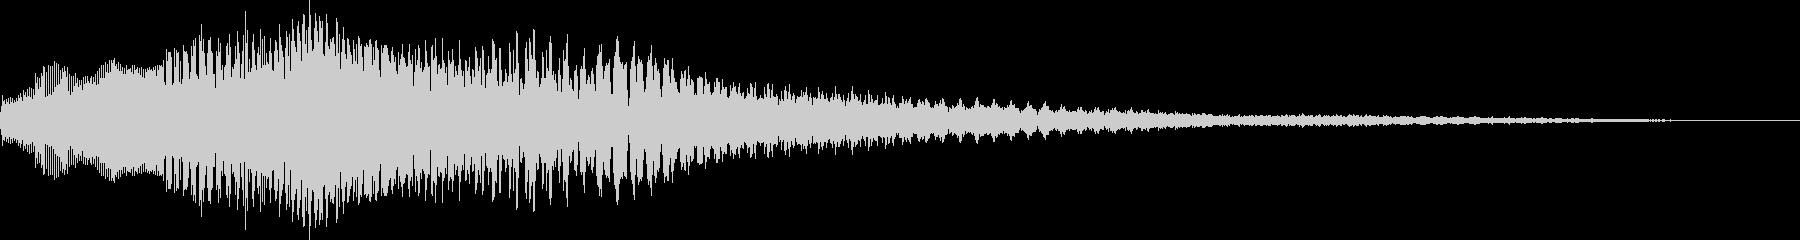 8BIT ファミコン風 選択音の未再生の波形